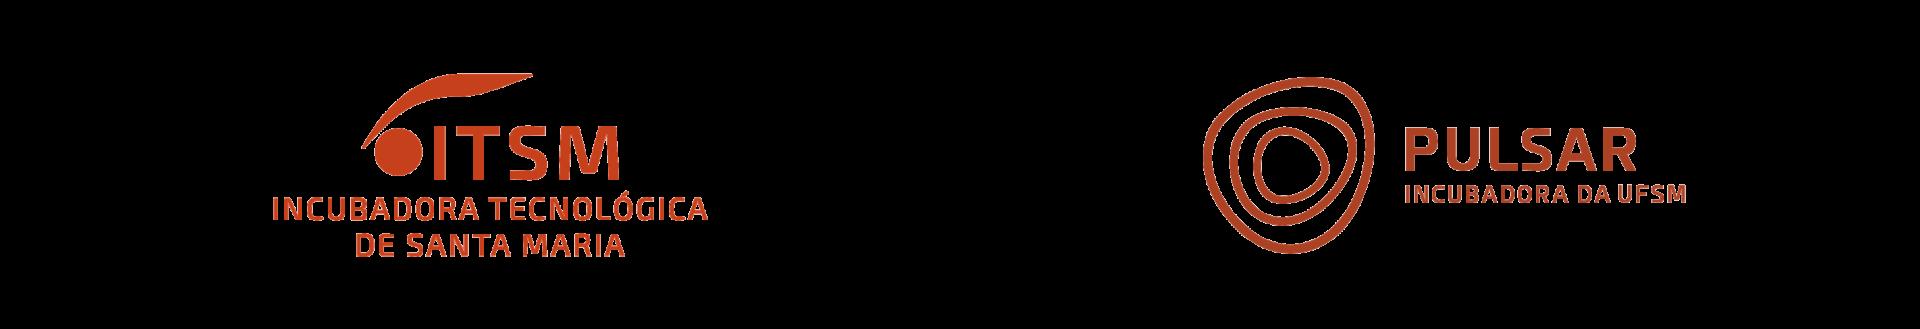 ITSM - Incubadoras Tecnológicas de Santa Maria; Pulsar.